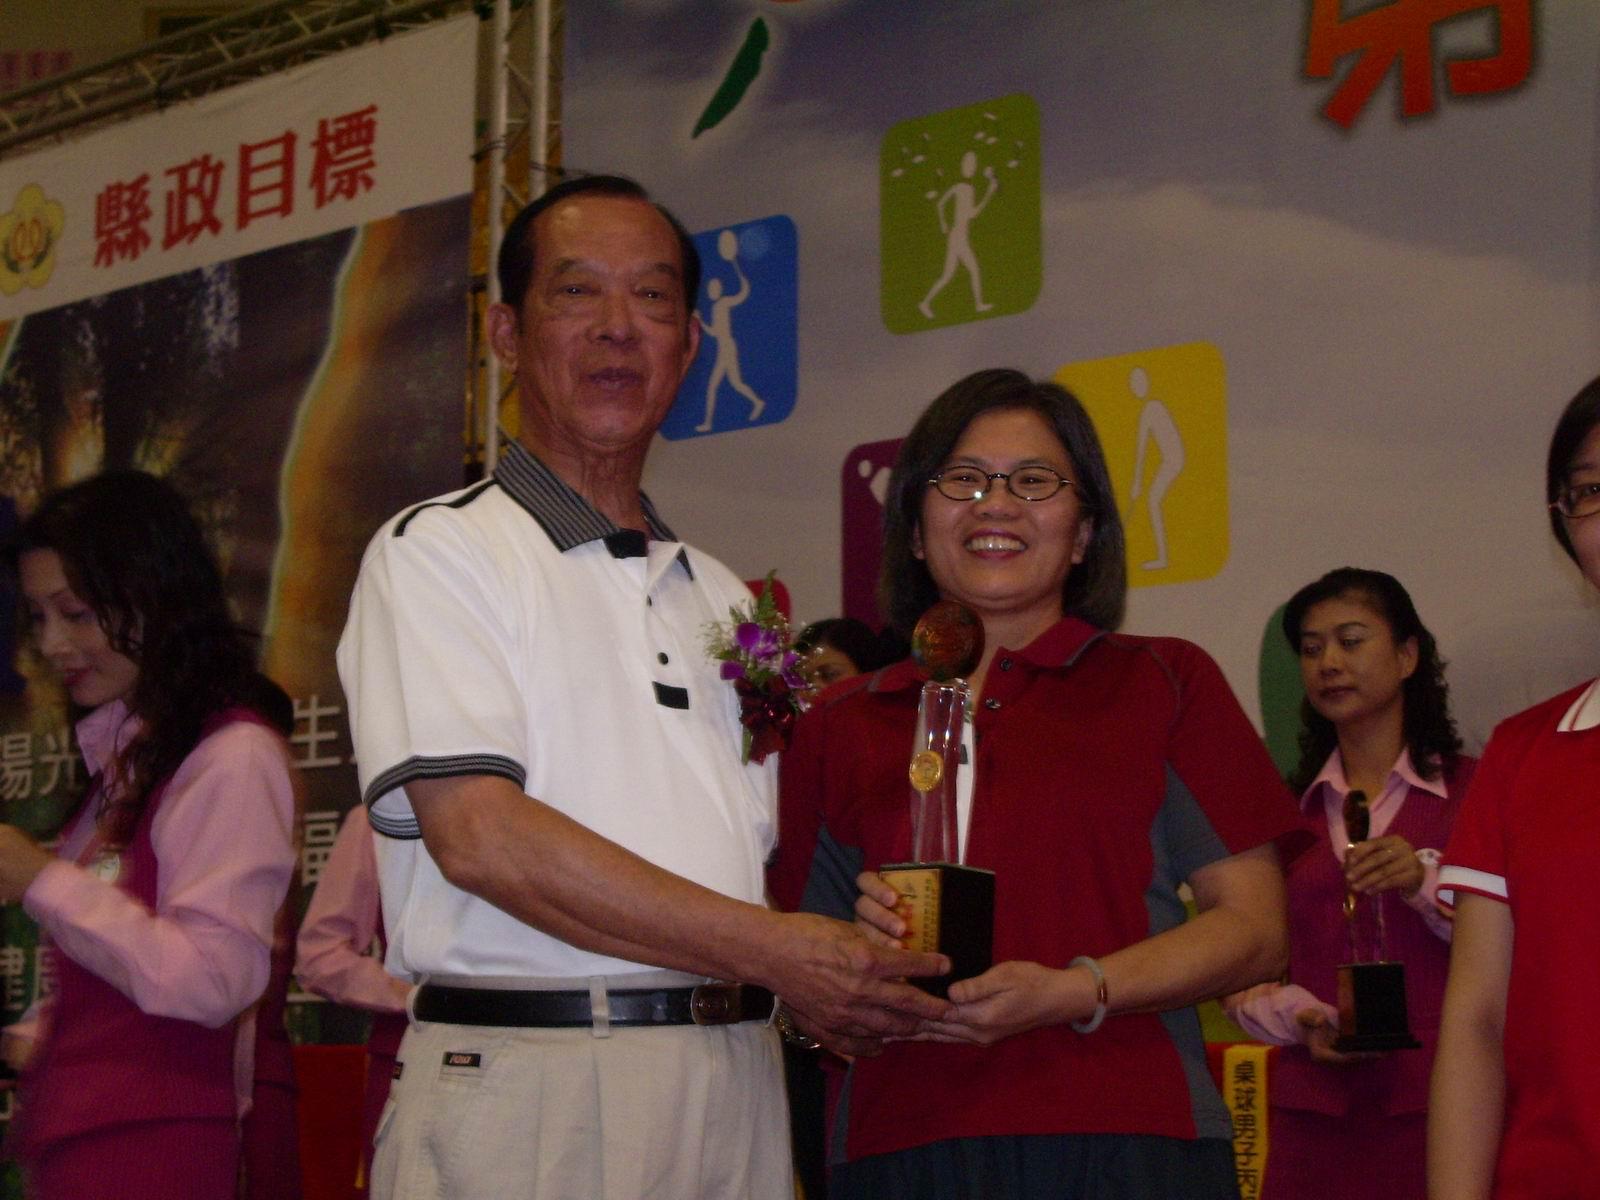 內政部榮獲女子羽球第一名